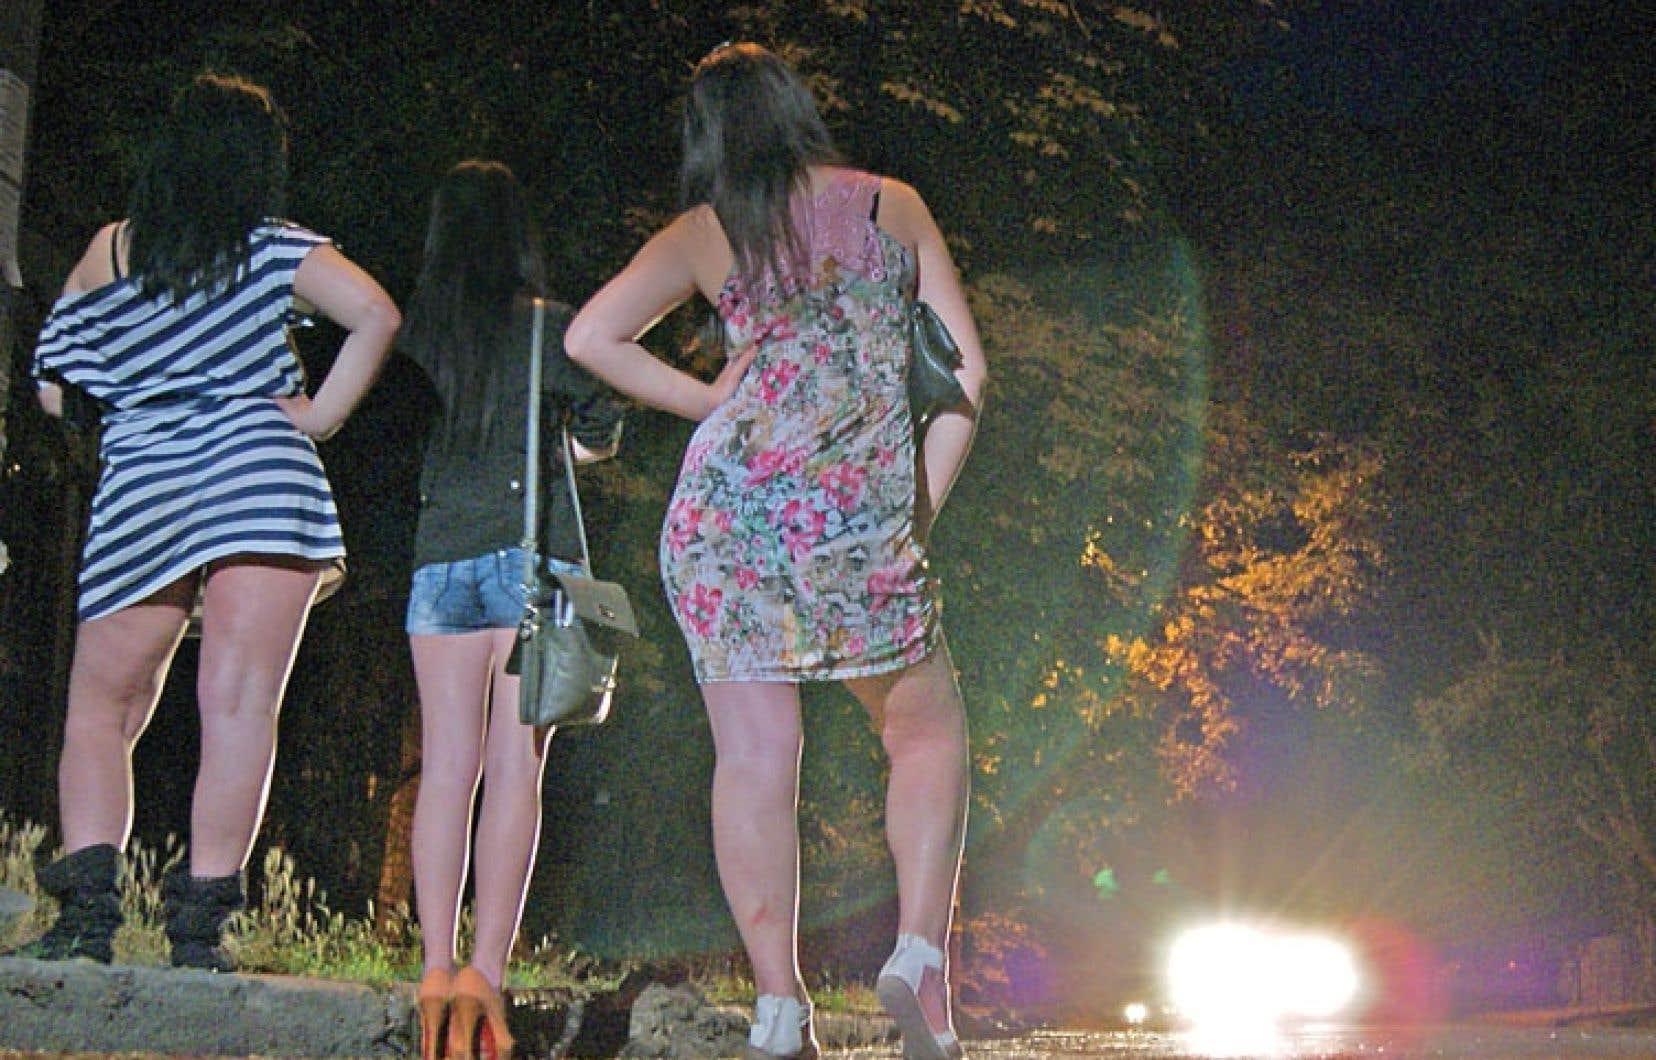 La prohibition complète de la prostitution est en vigueur en Ukraine.